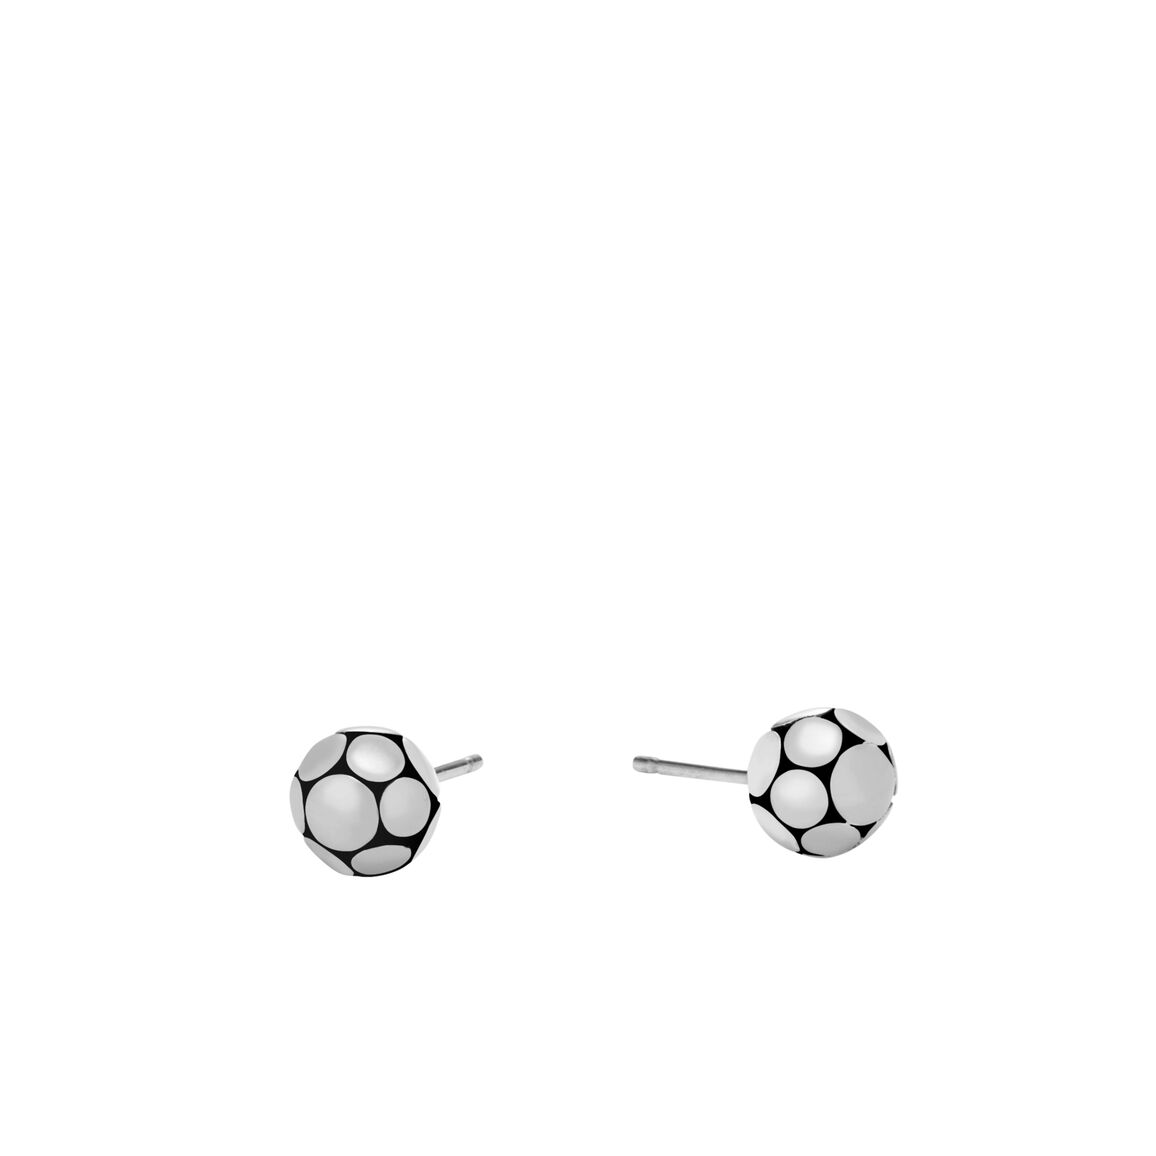 Dot Stud Earring in Silver